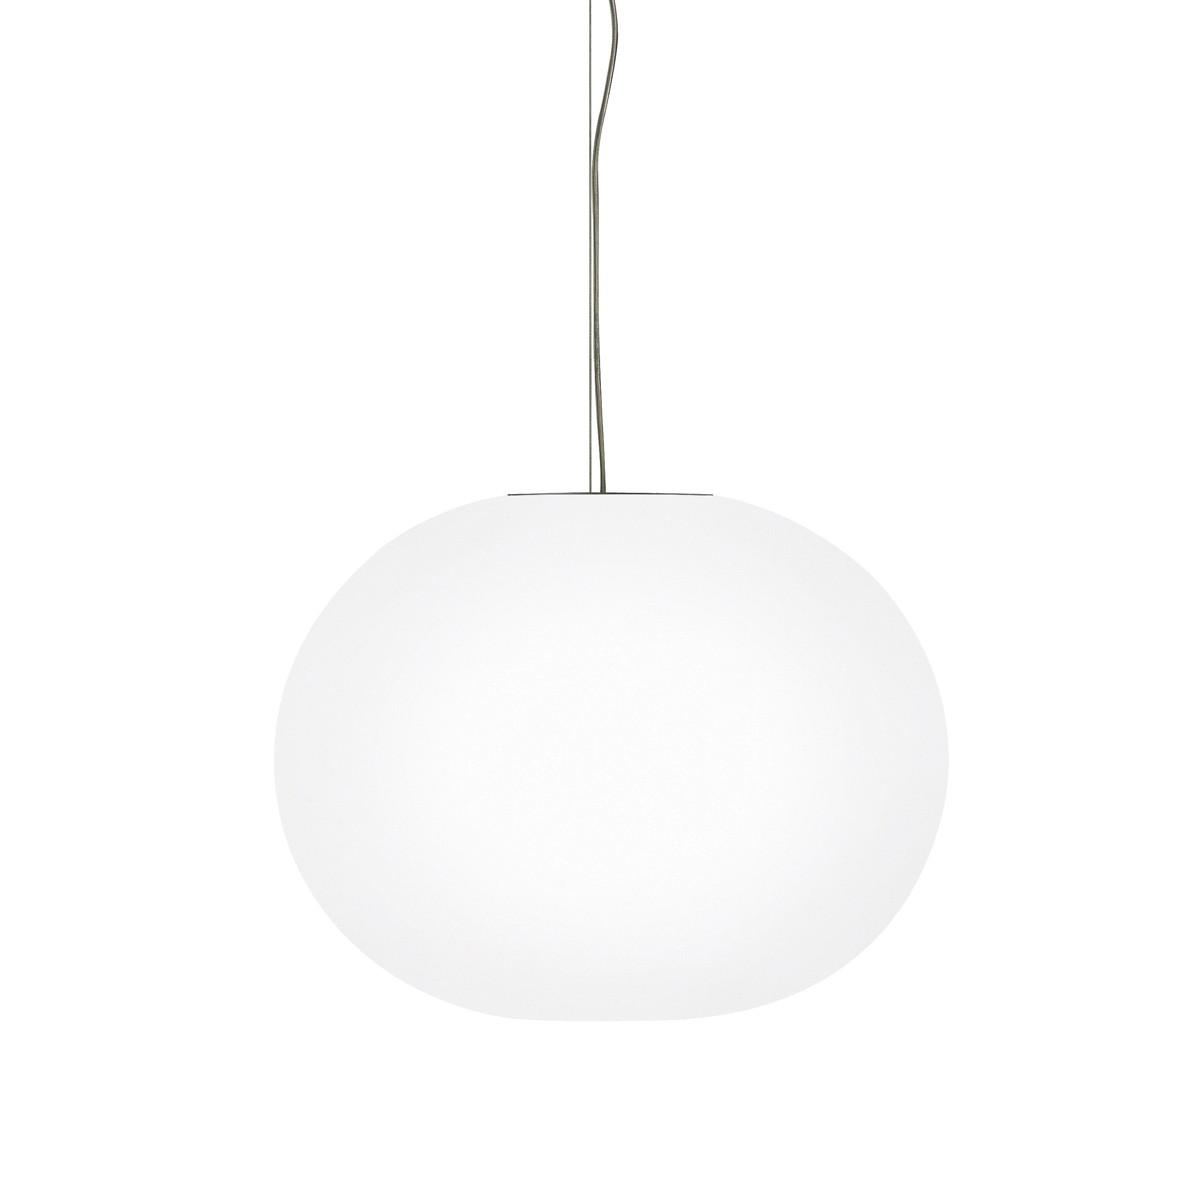 Flos Glo-Ball S Pendelleuchte, S1, Ø: 33 cm, weiß